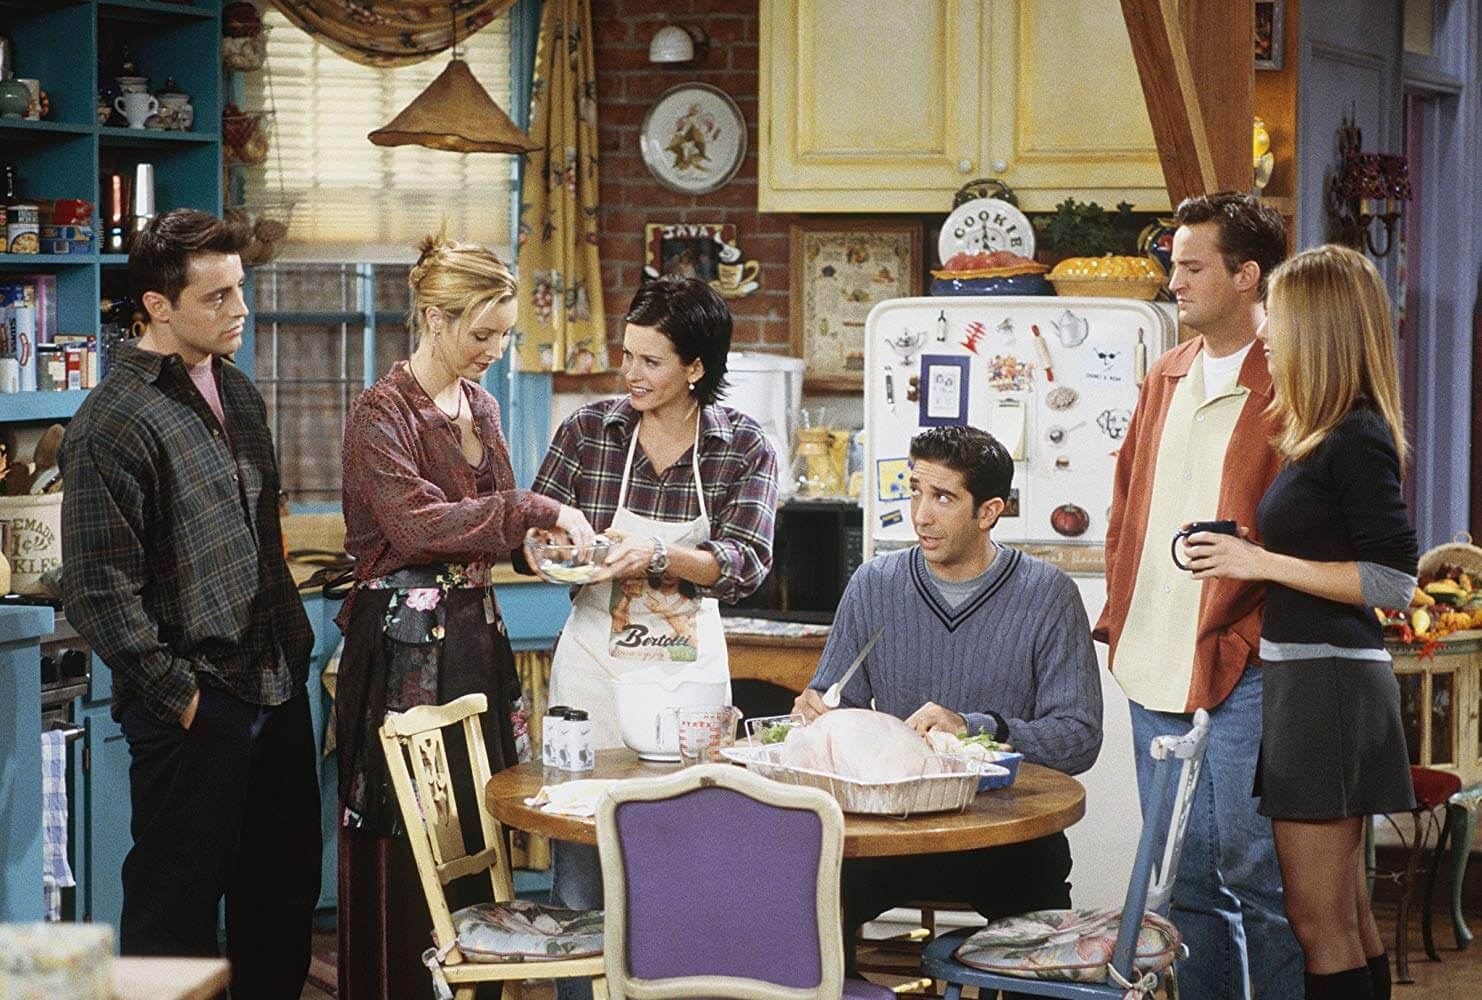 Monica Cooks Thanksgiving Dinner